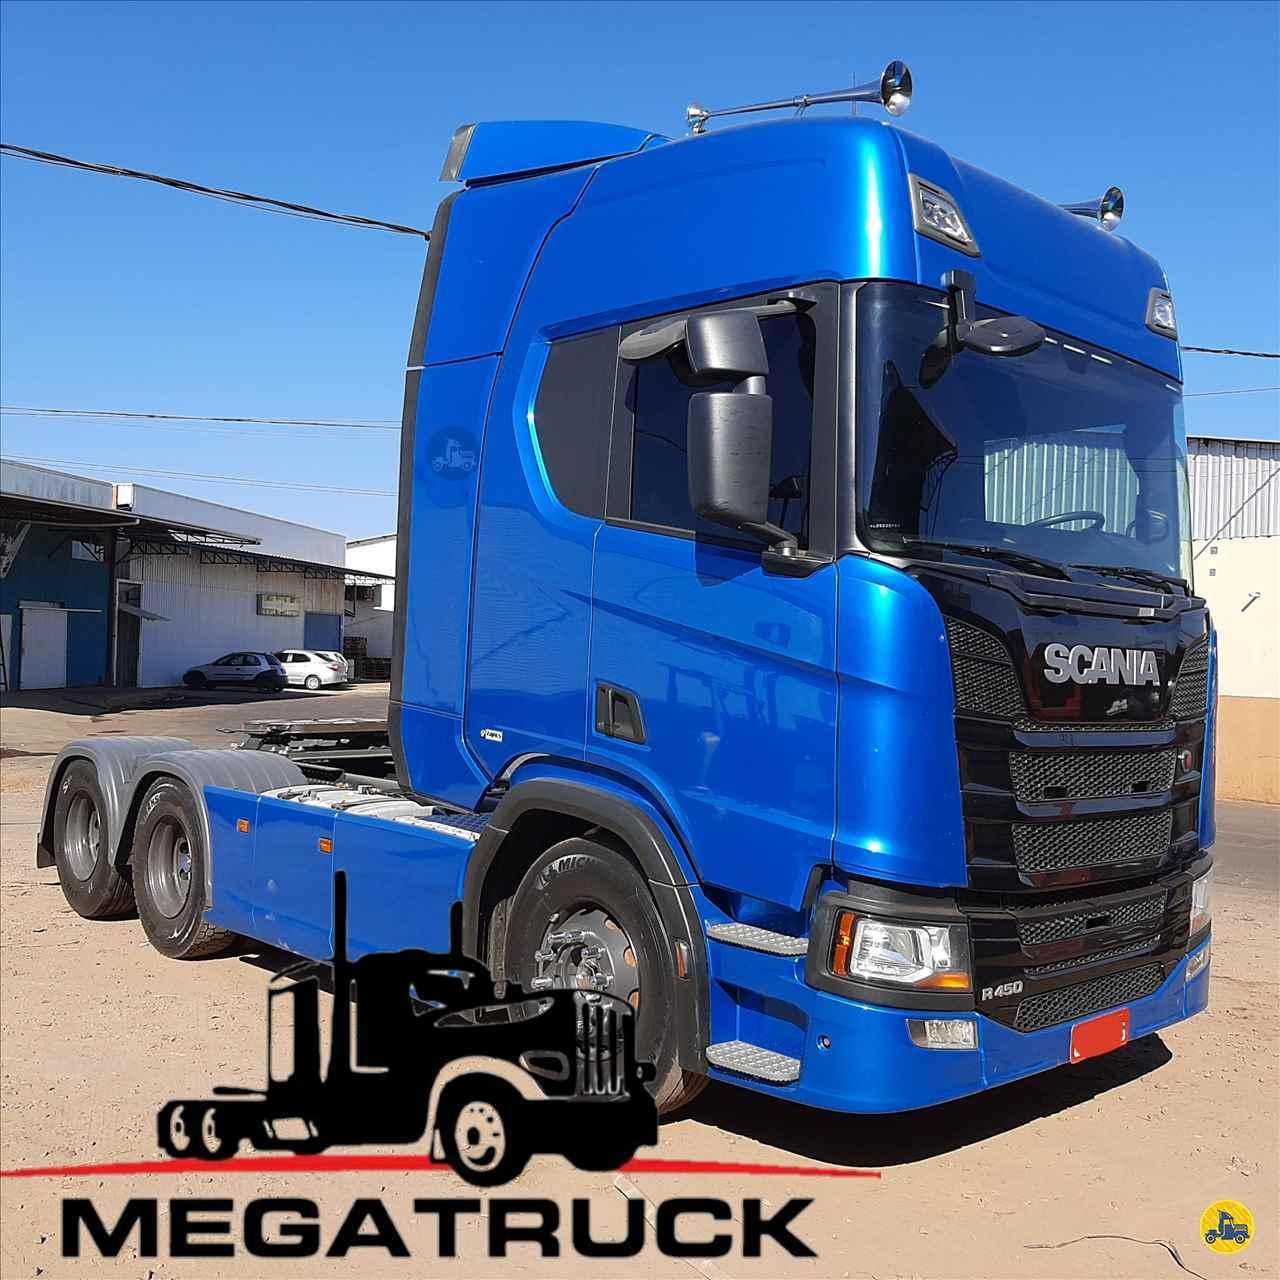 SCANIA 450 de Megatruck Caminhões e Máquinas - CAMPO GRANDE/MS